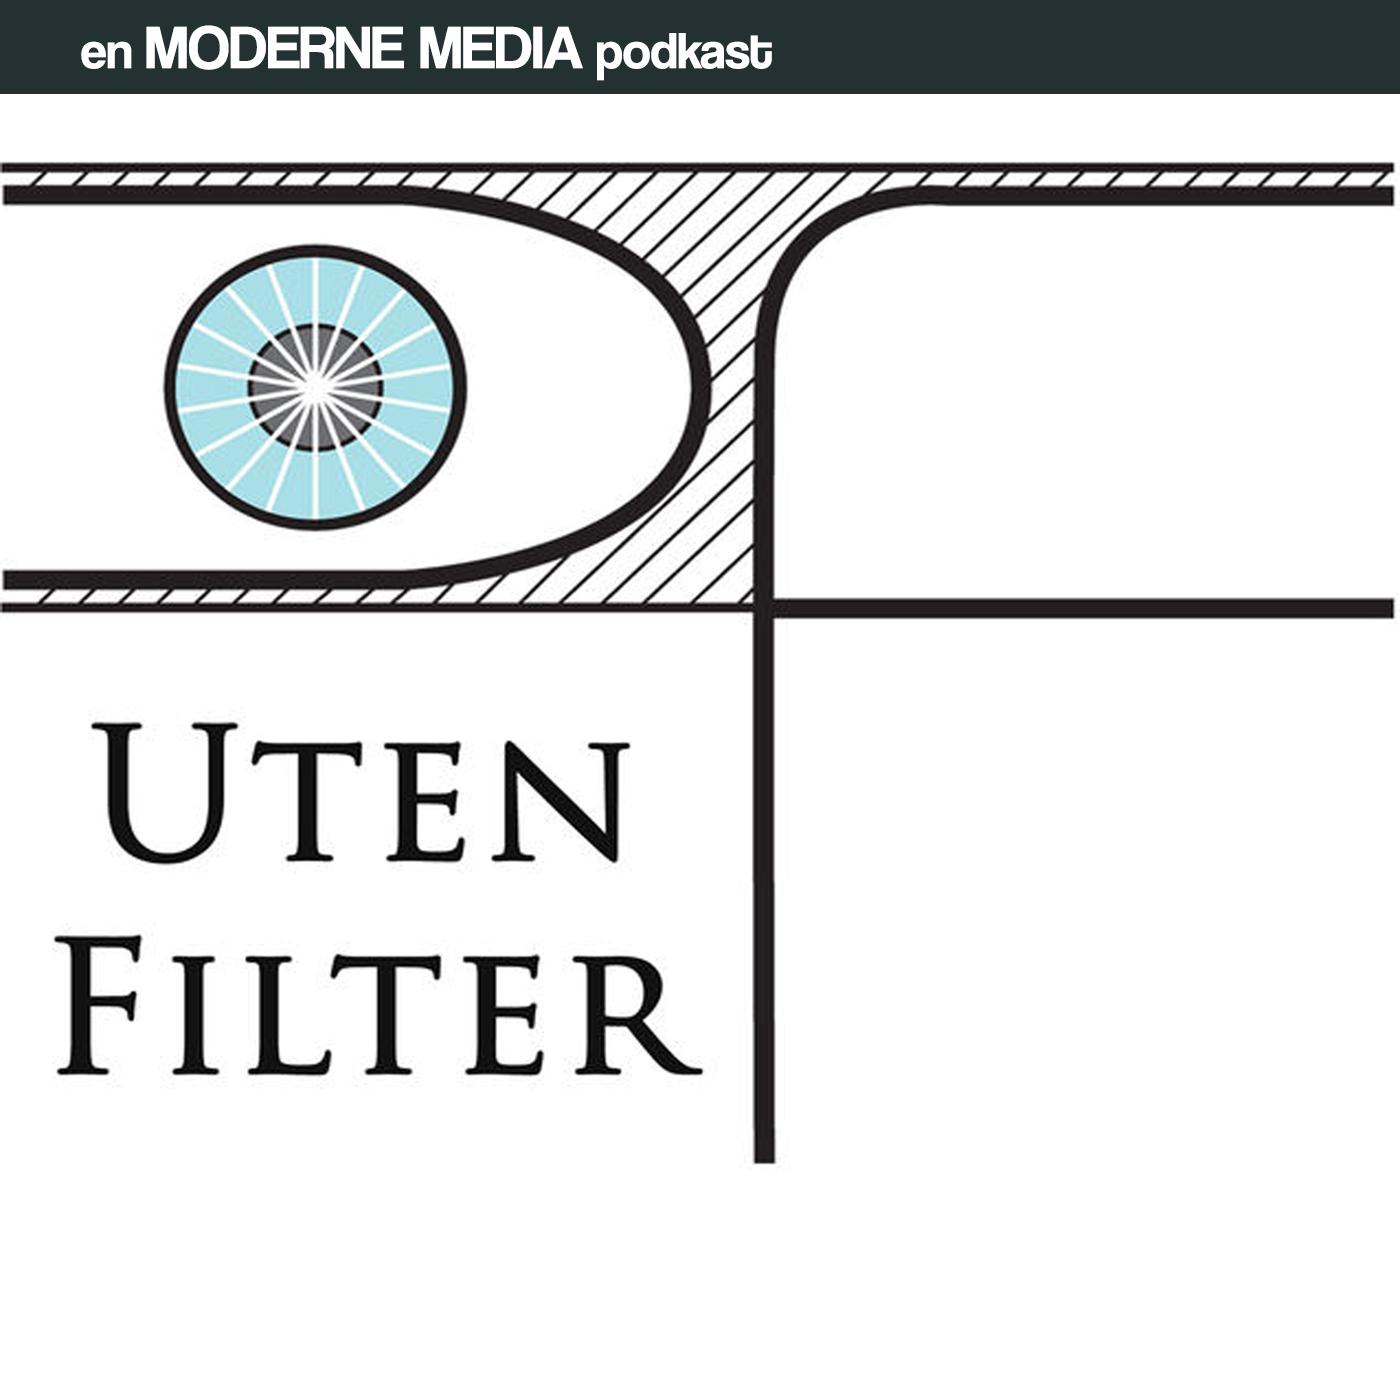 Utenfilter_MMP.jpg